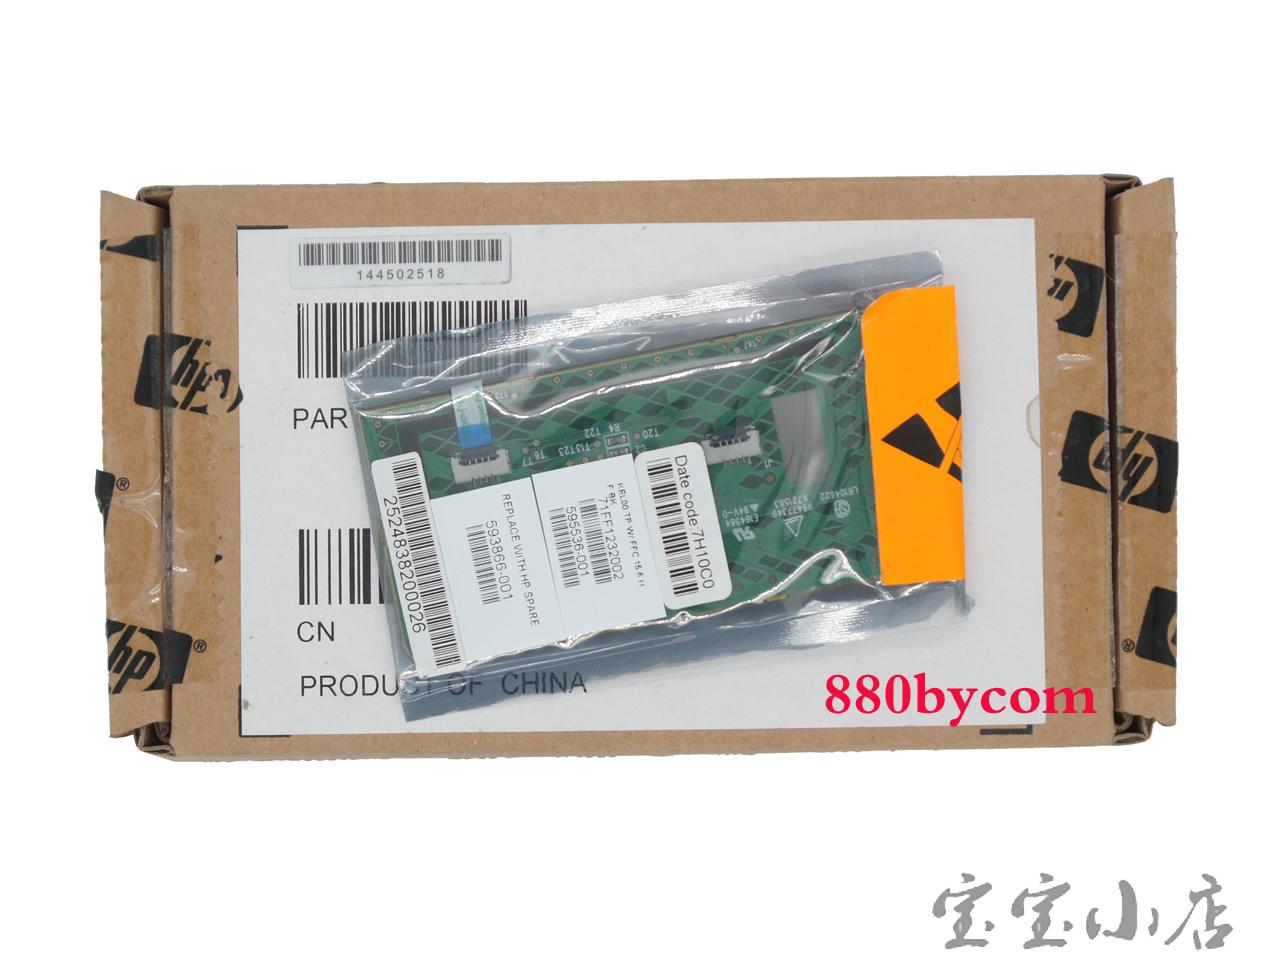 新到货150pcs 920-001363-02 TM-01282-001 touchpad For惠普HP 6440B 6445B 6450B 6455B 6550B 6555B 6540B 6545B触摸板